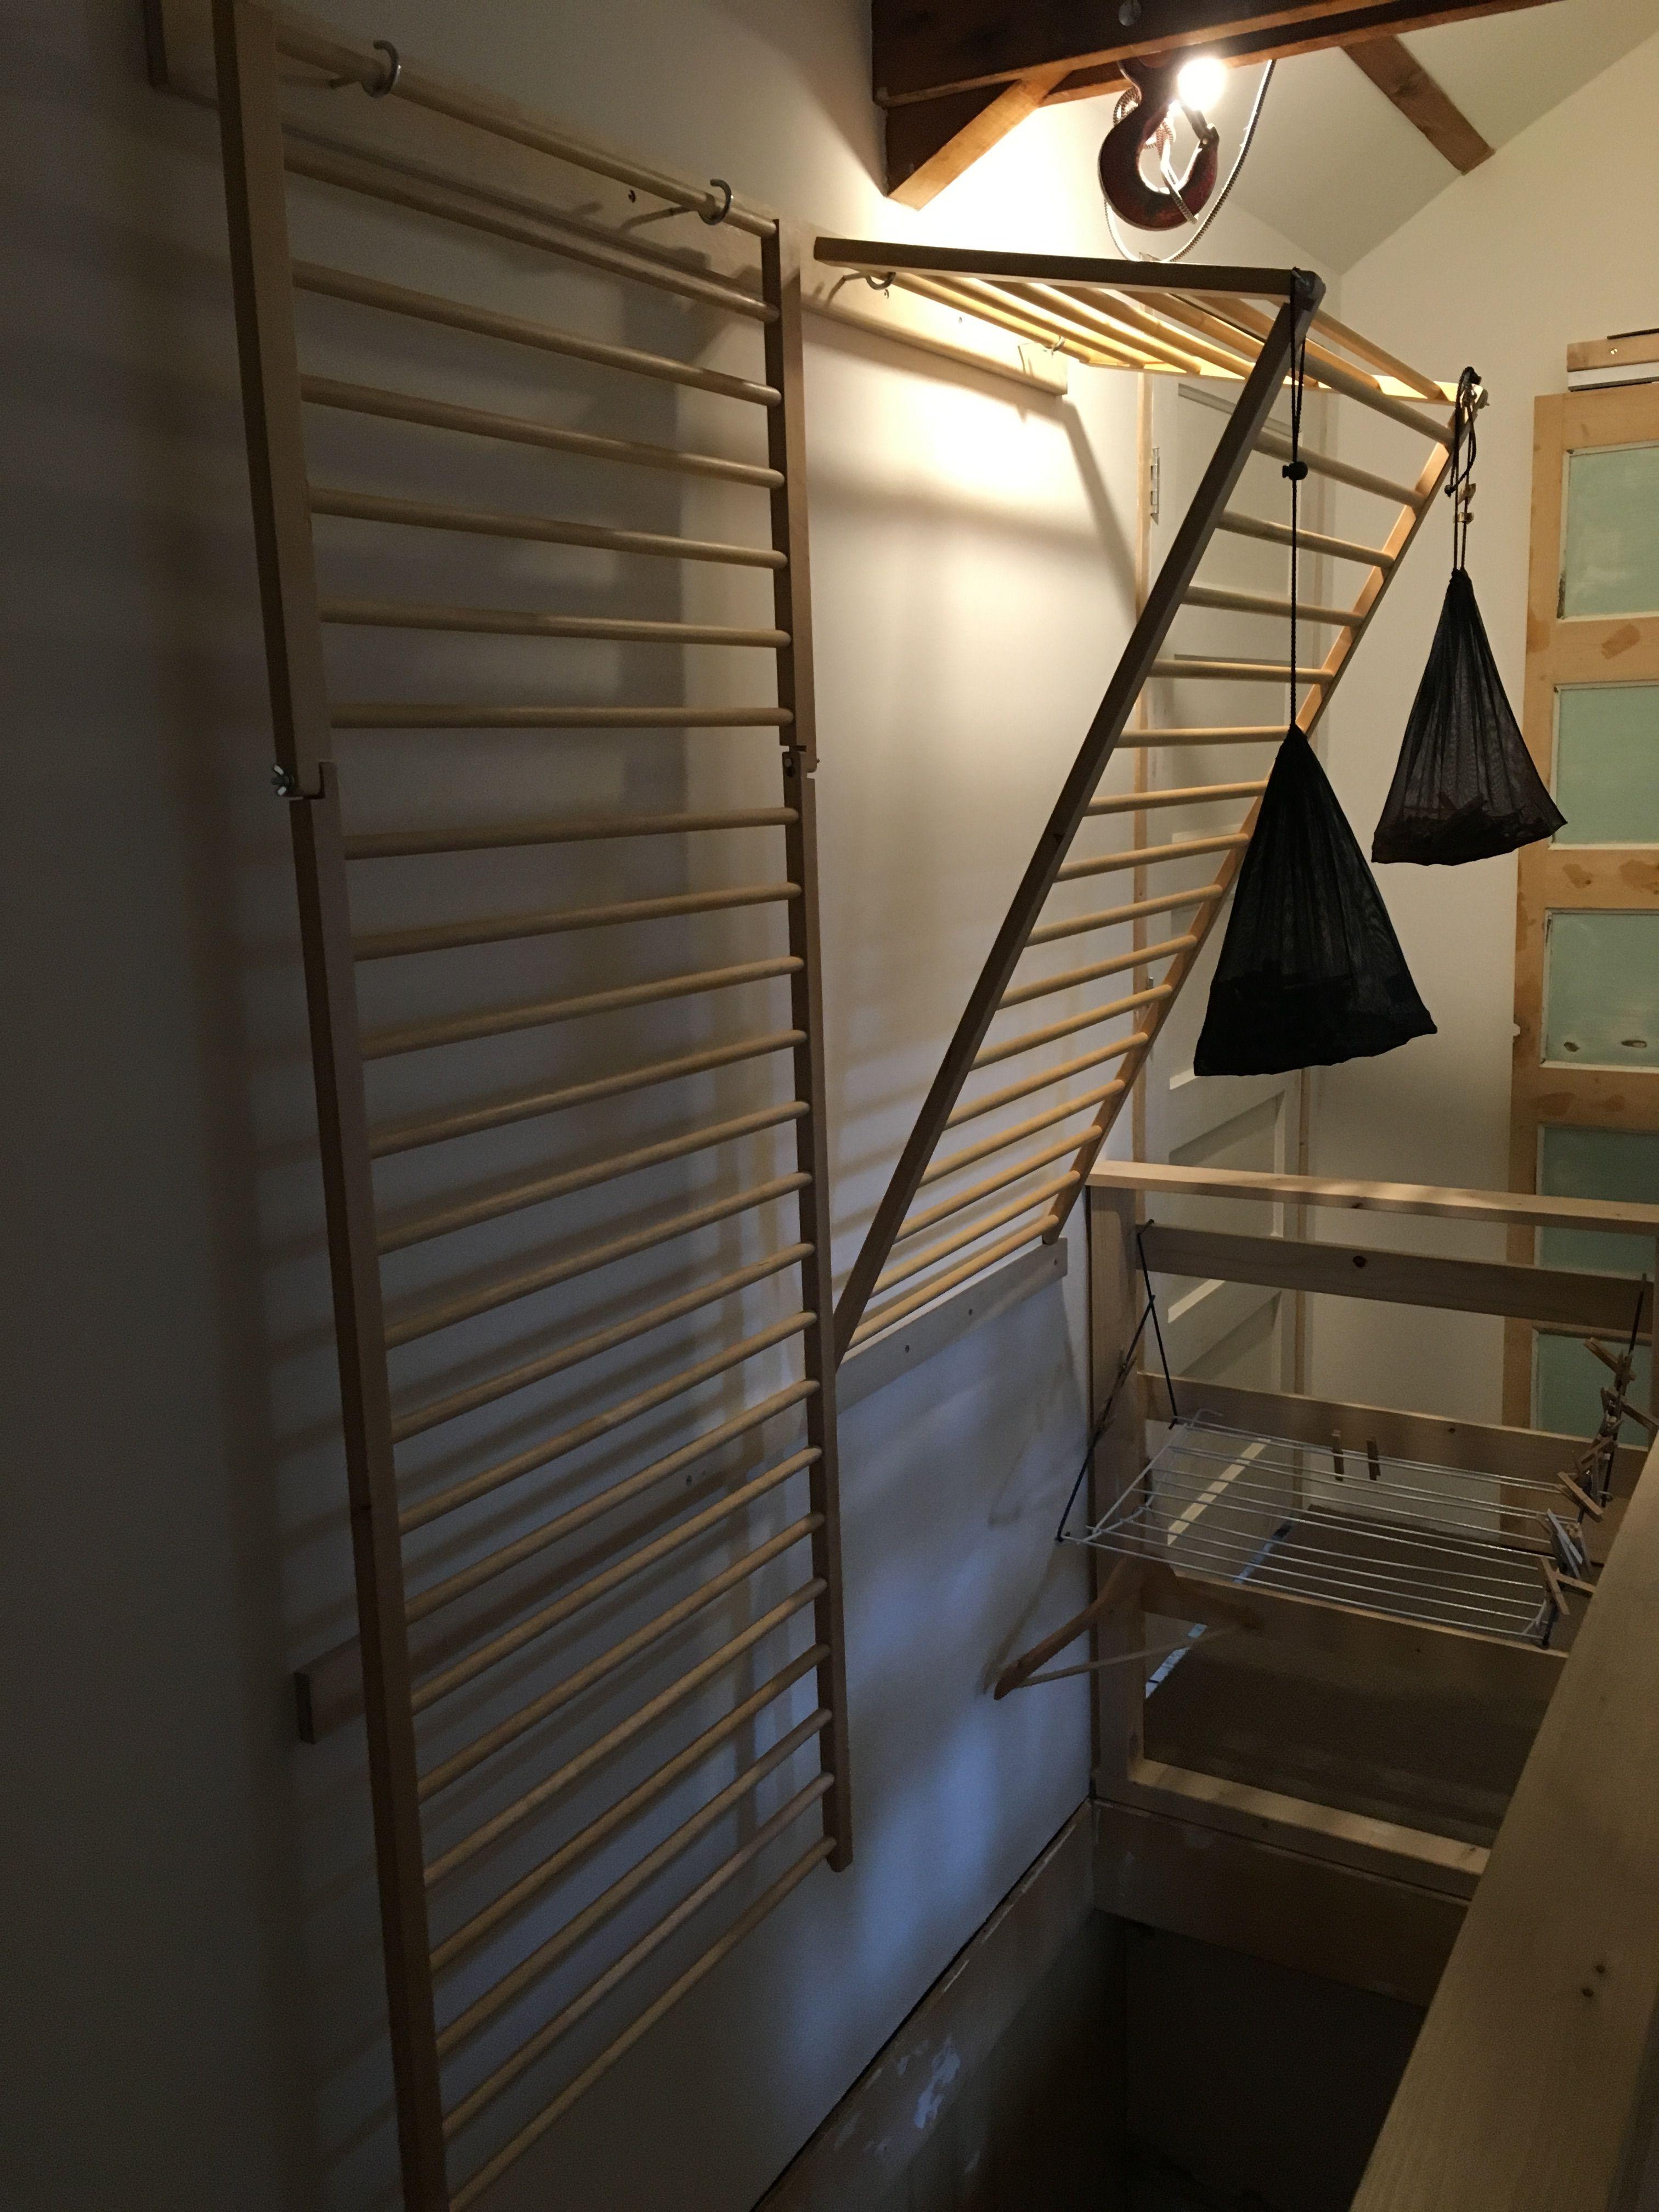 Ikea Wasrek Ikea Bureau Galant Amazing Ikea Bureau